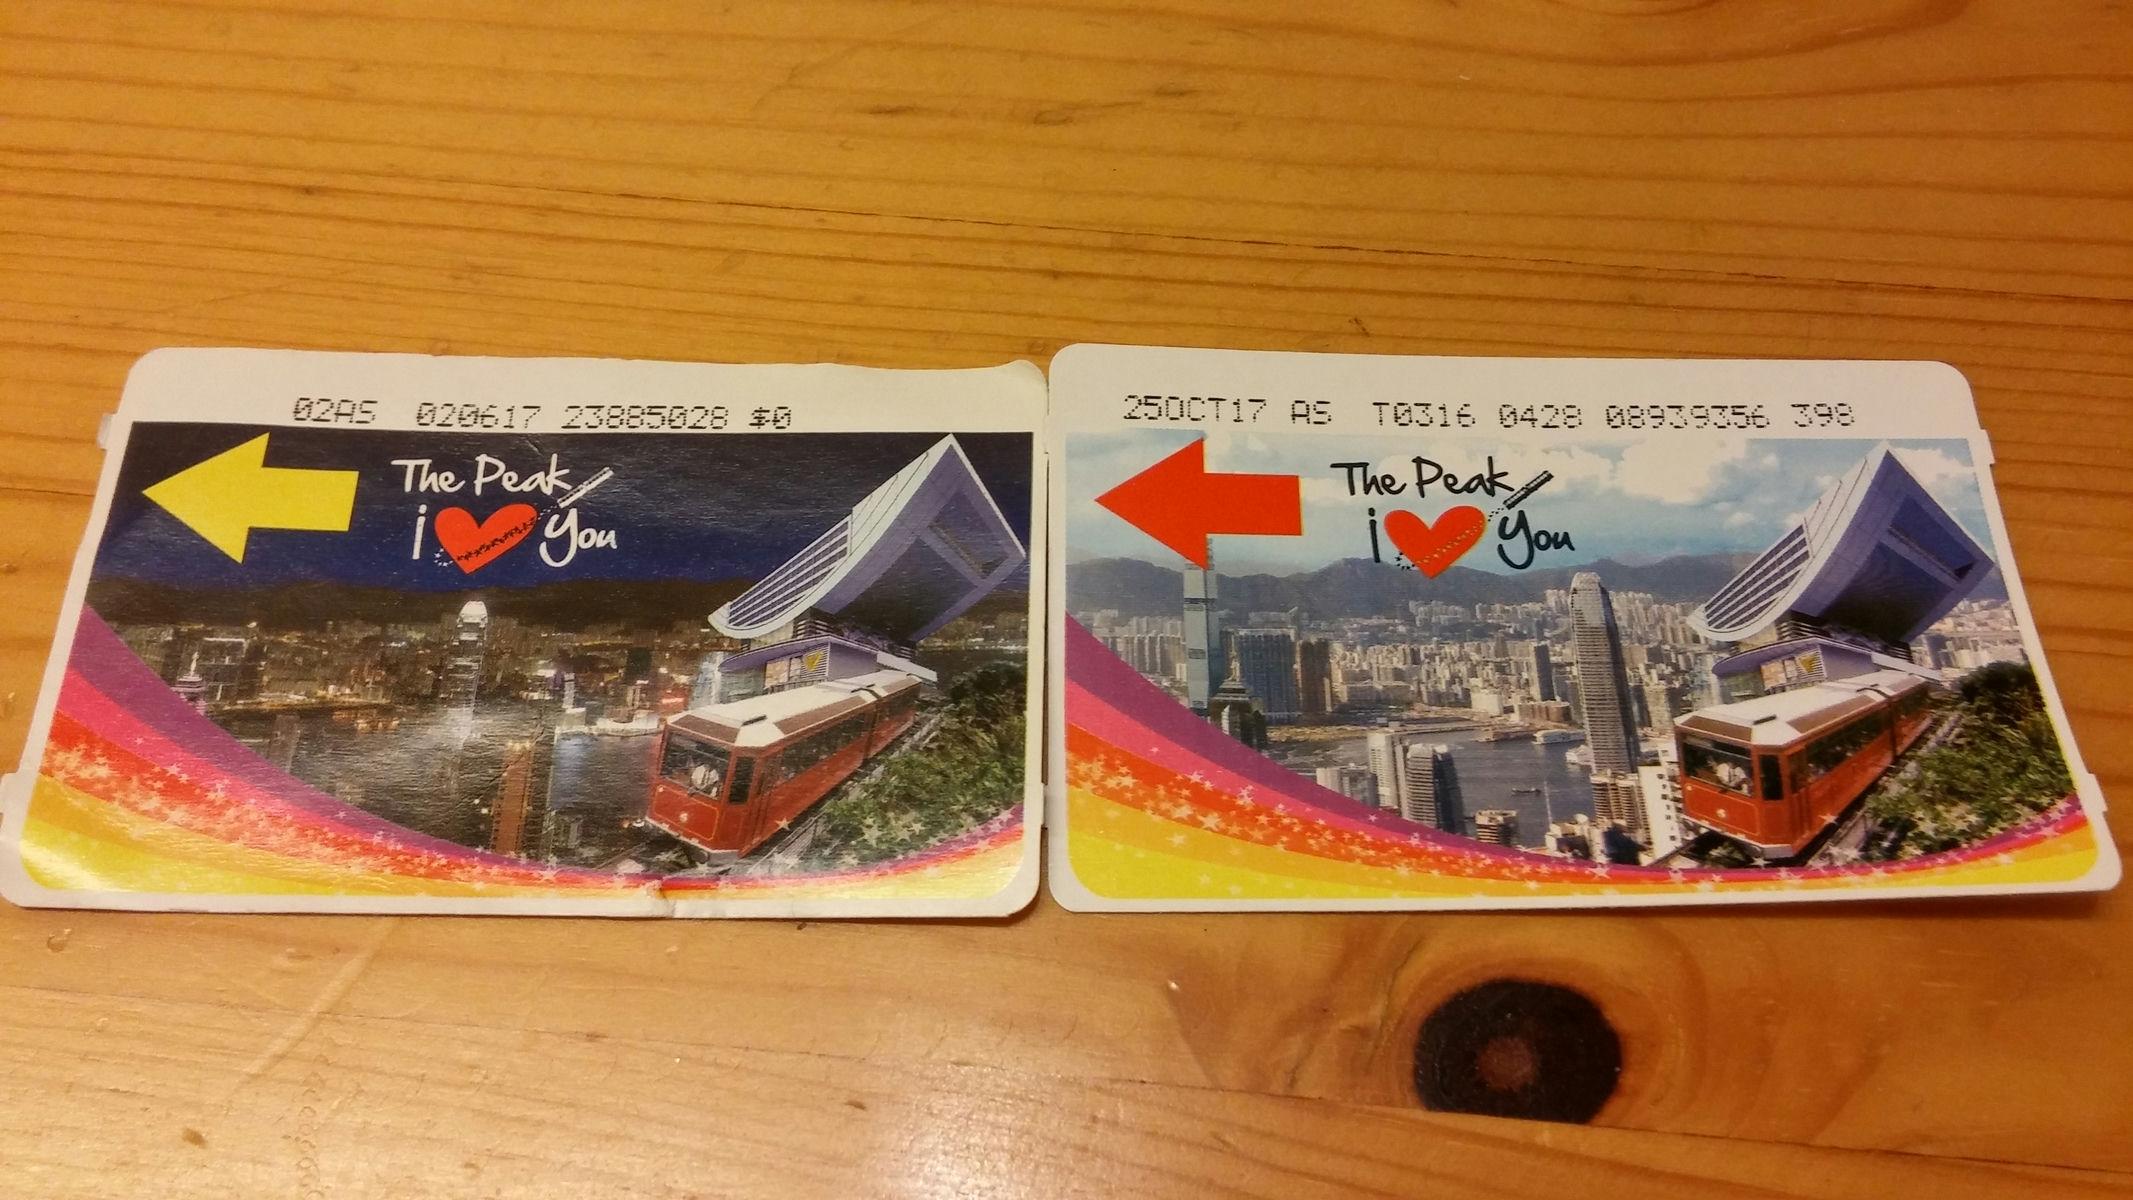 Peak Tram tickets